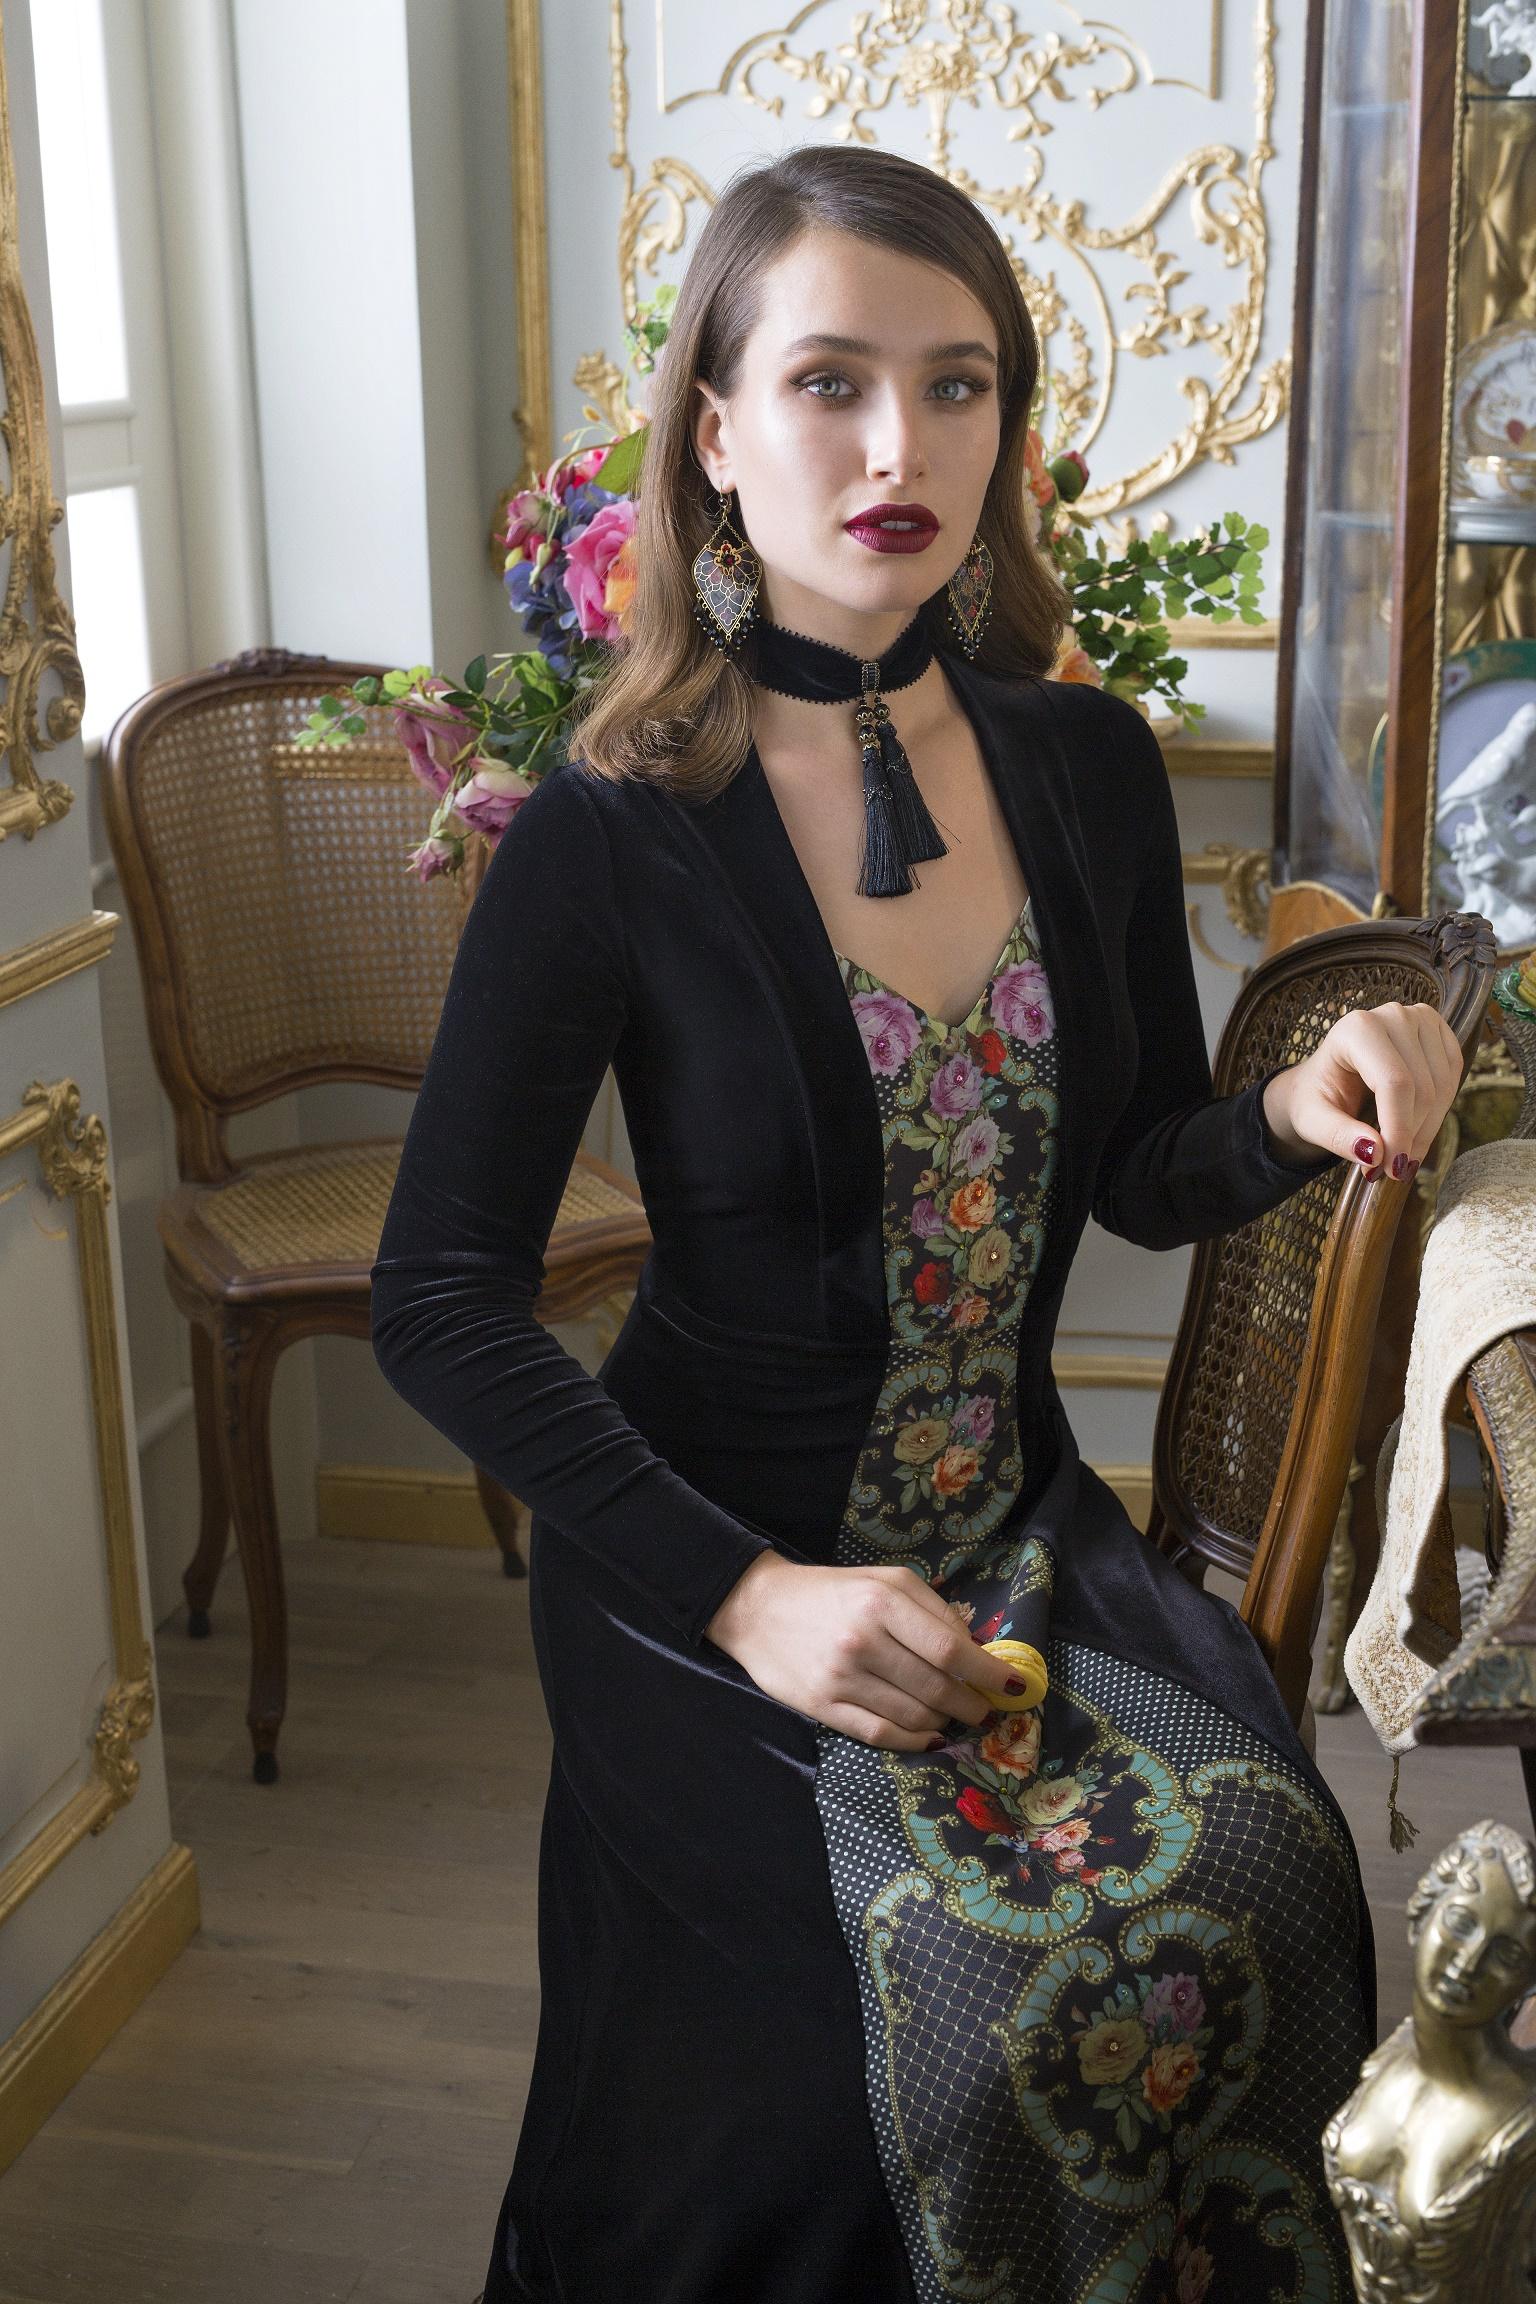 Модный элемент: 5 правил ношения чокера от звезд Голливуда